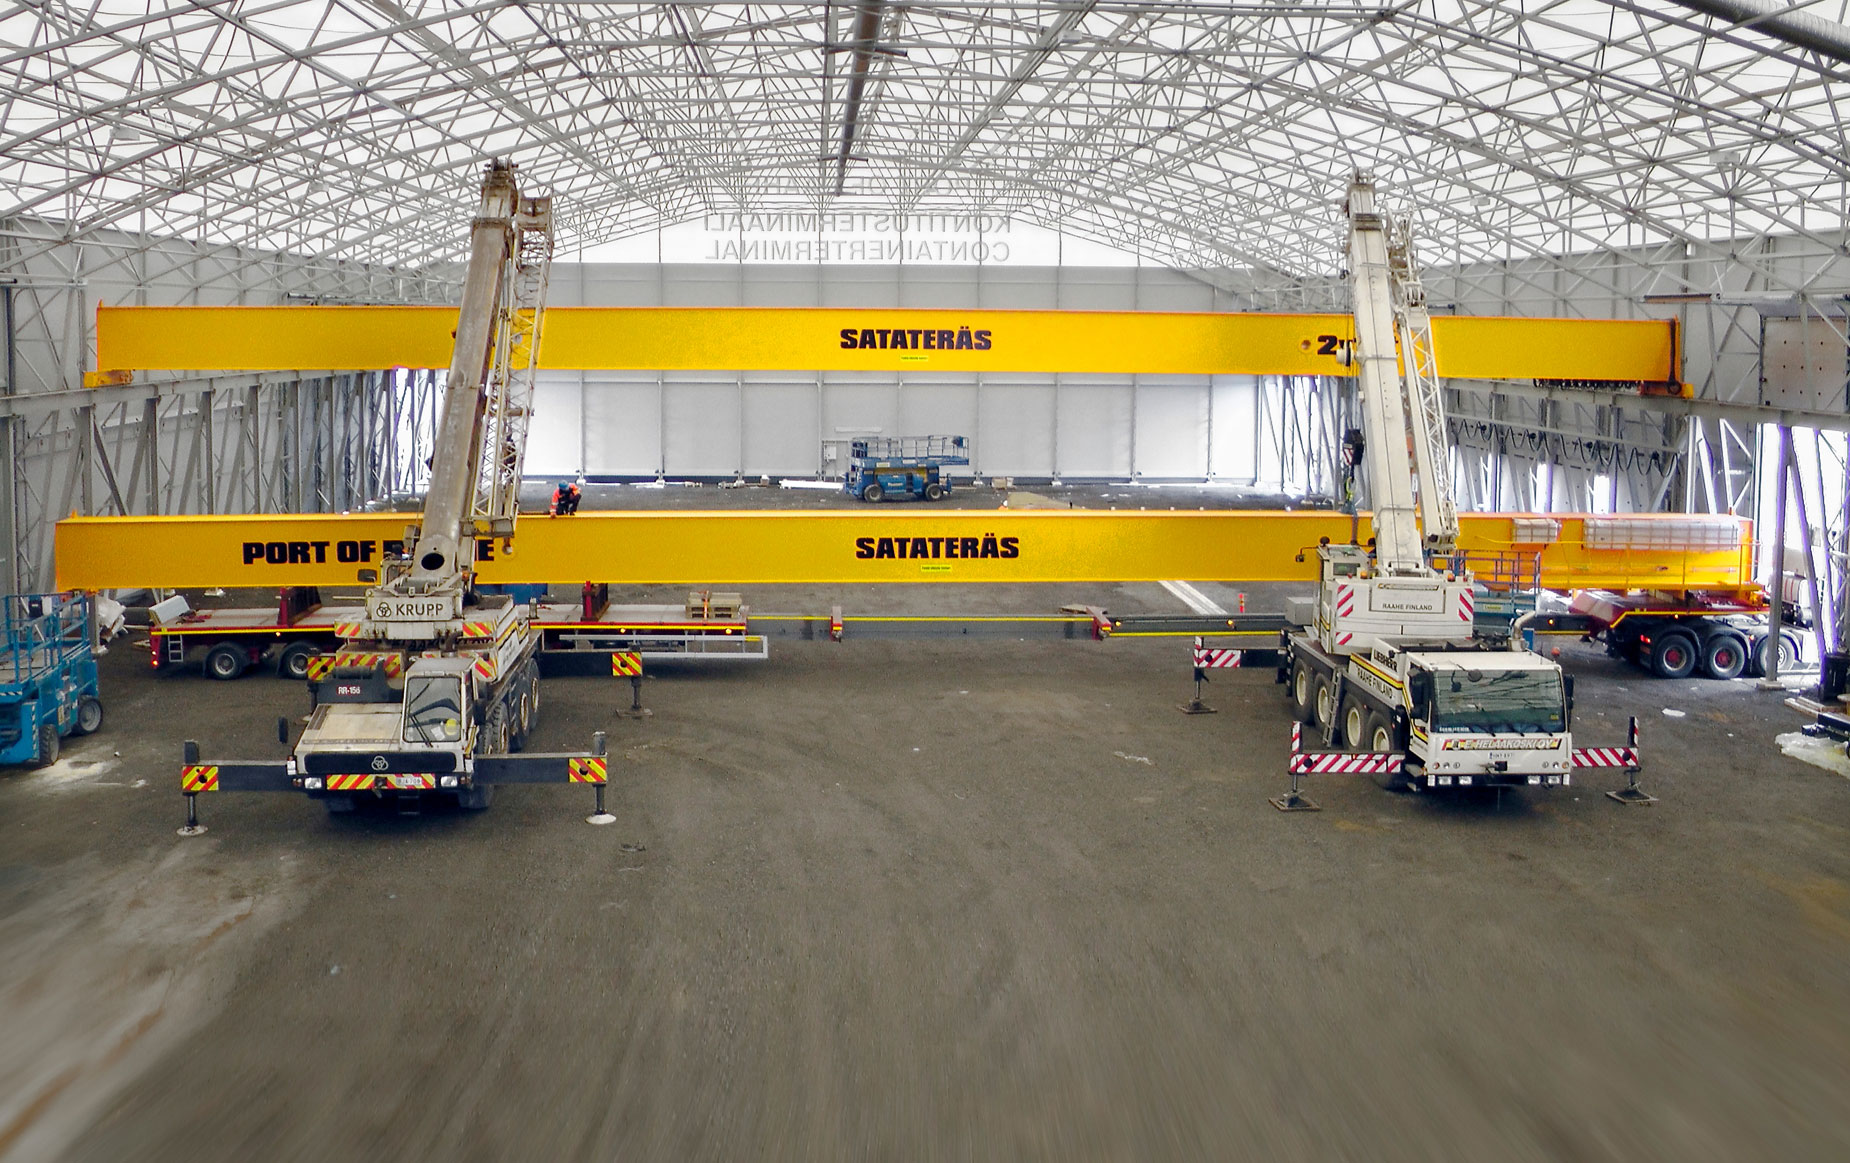 crane-service-nosturihuolto-teollisuus-metalliteollisuus-teollisuuden-siltanosturit-satateras_8